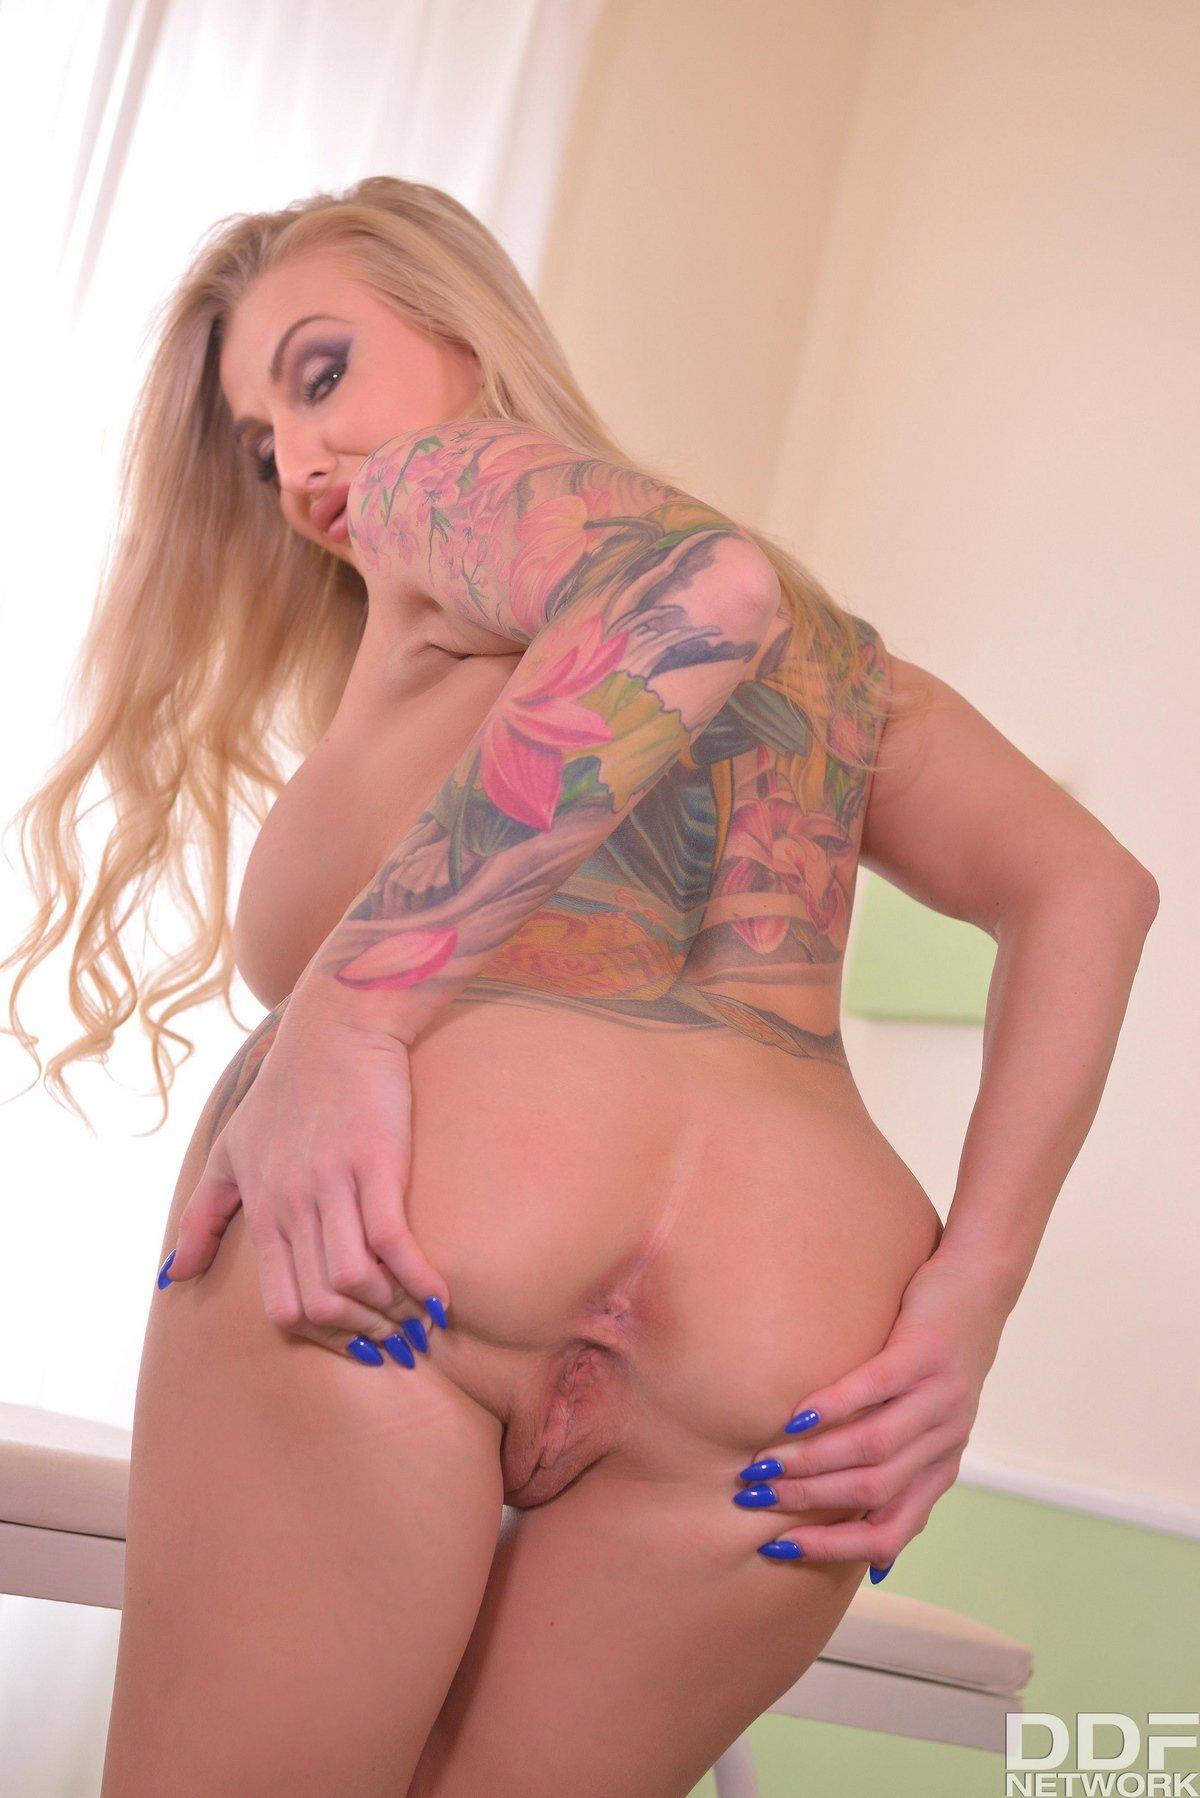 Блондинка в белье красного цвета показывает татуировки